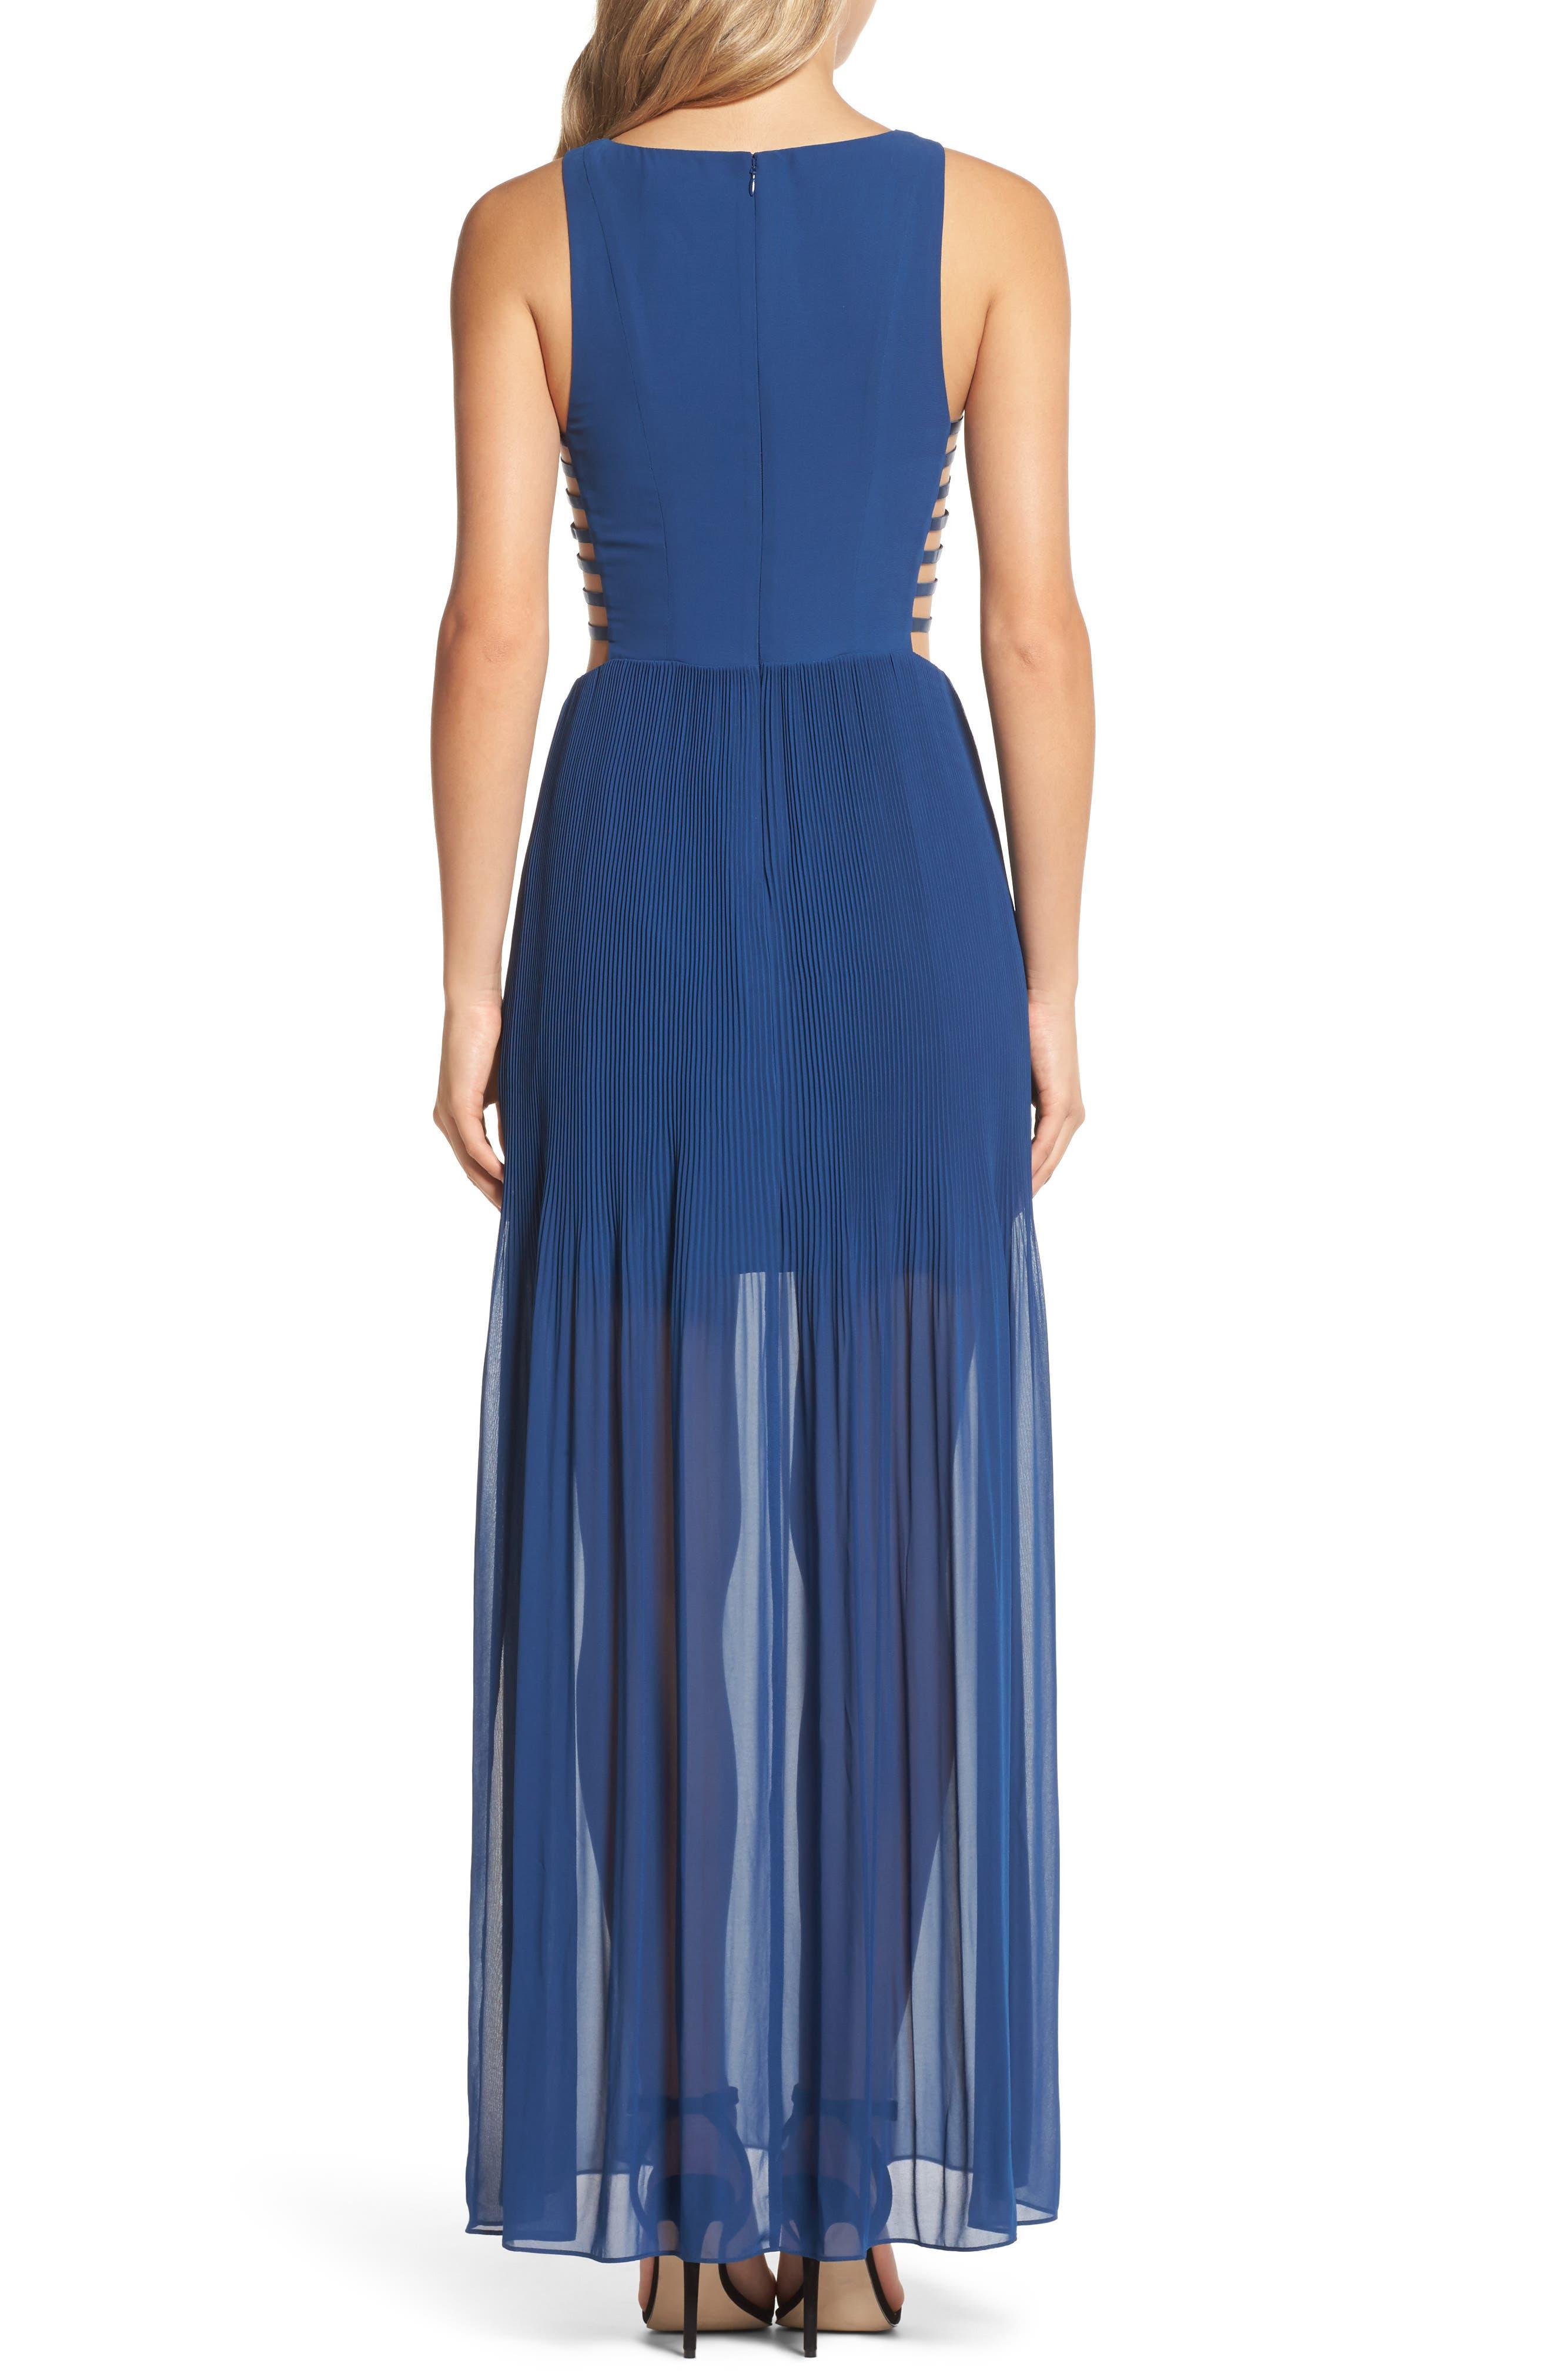 Sunset Blvd Maxi Dress,                             Alternate thumbnail 4, color,